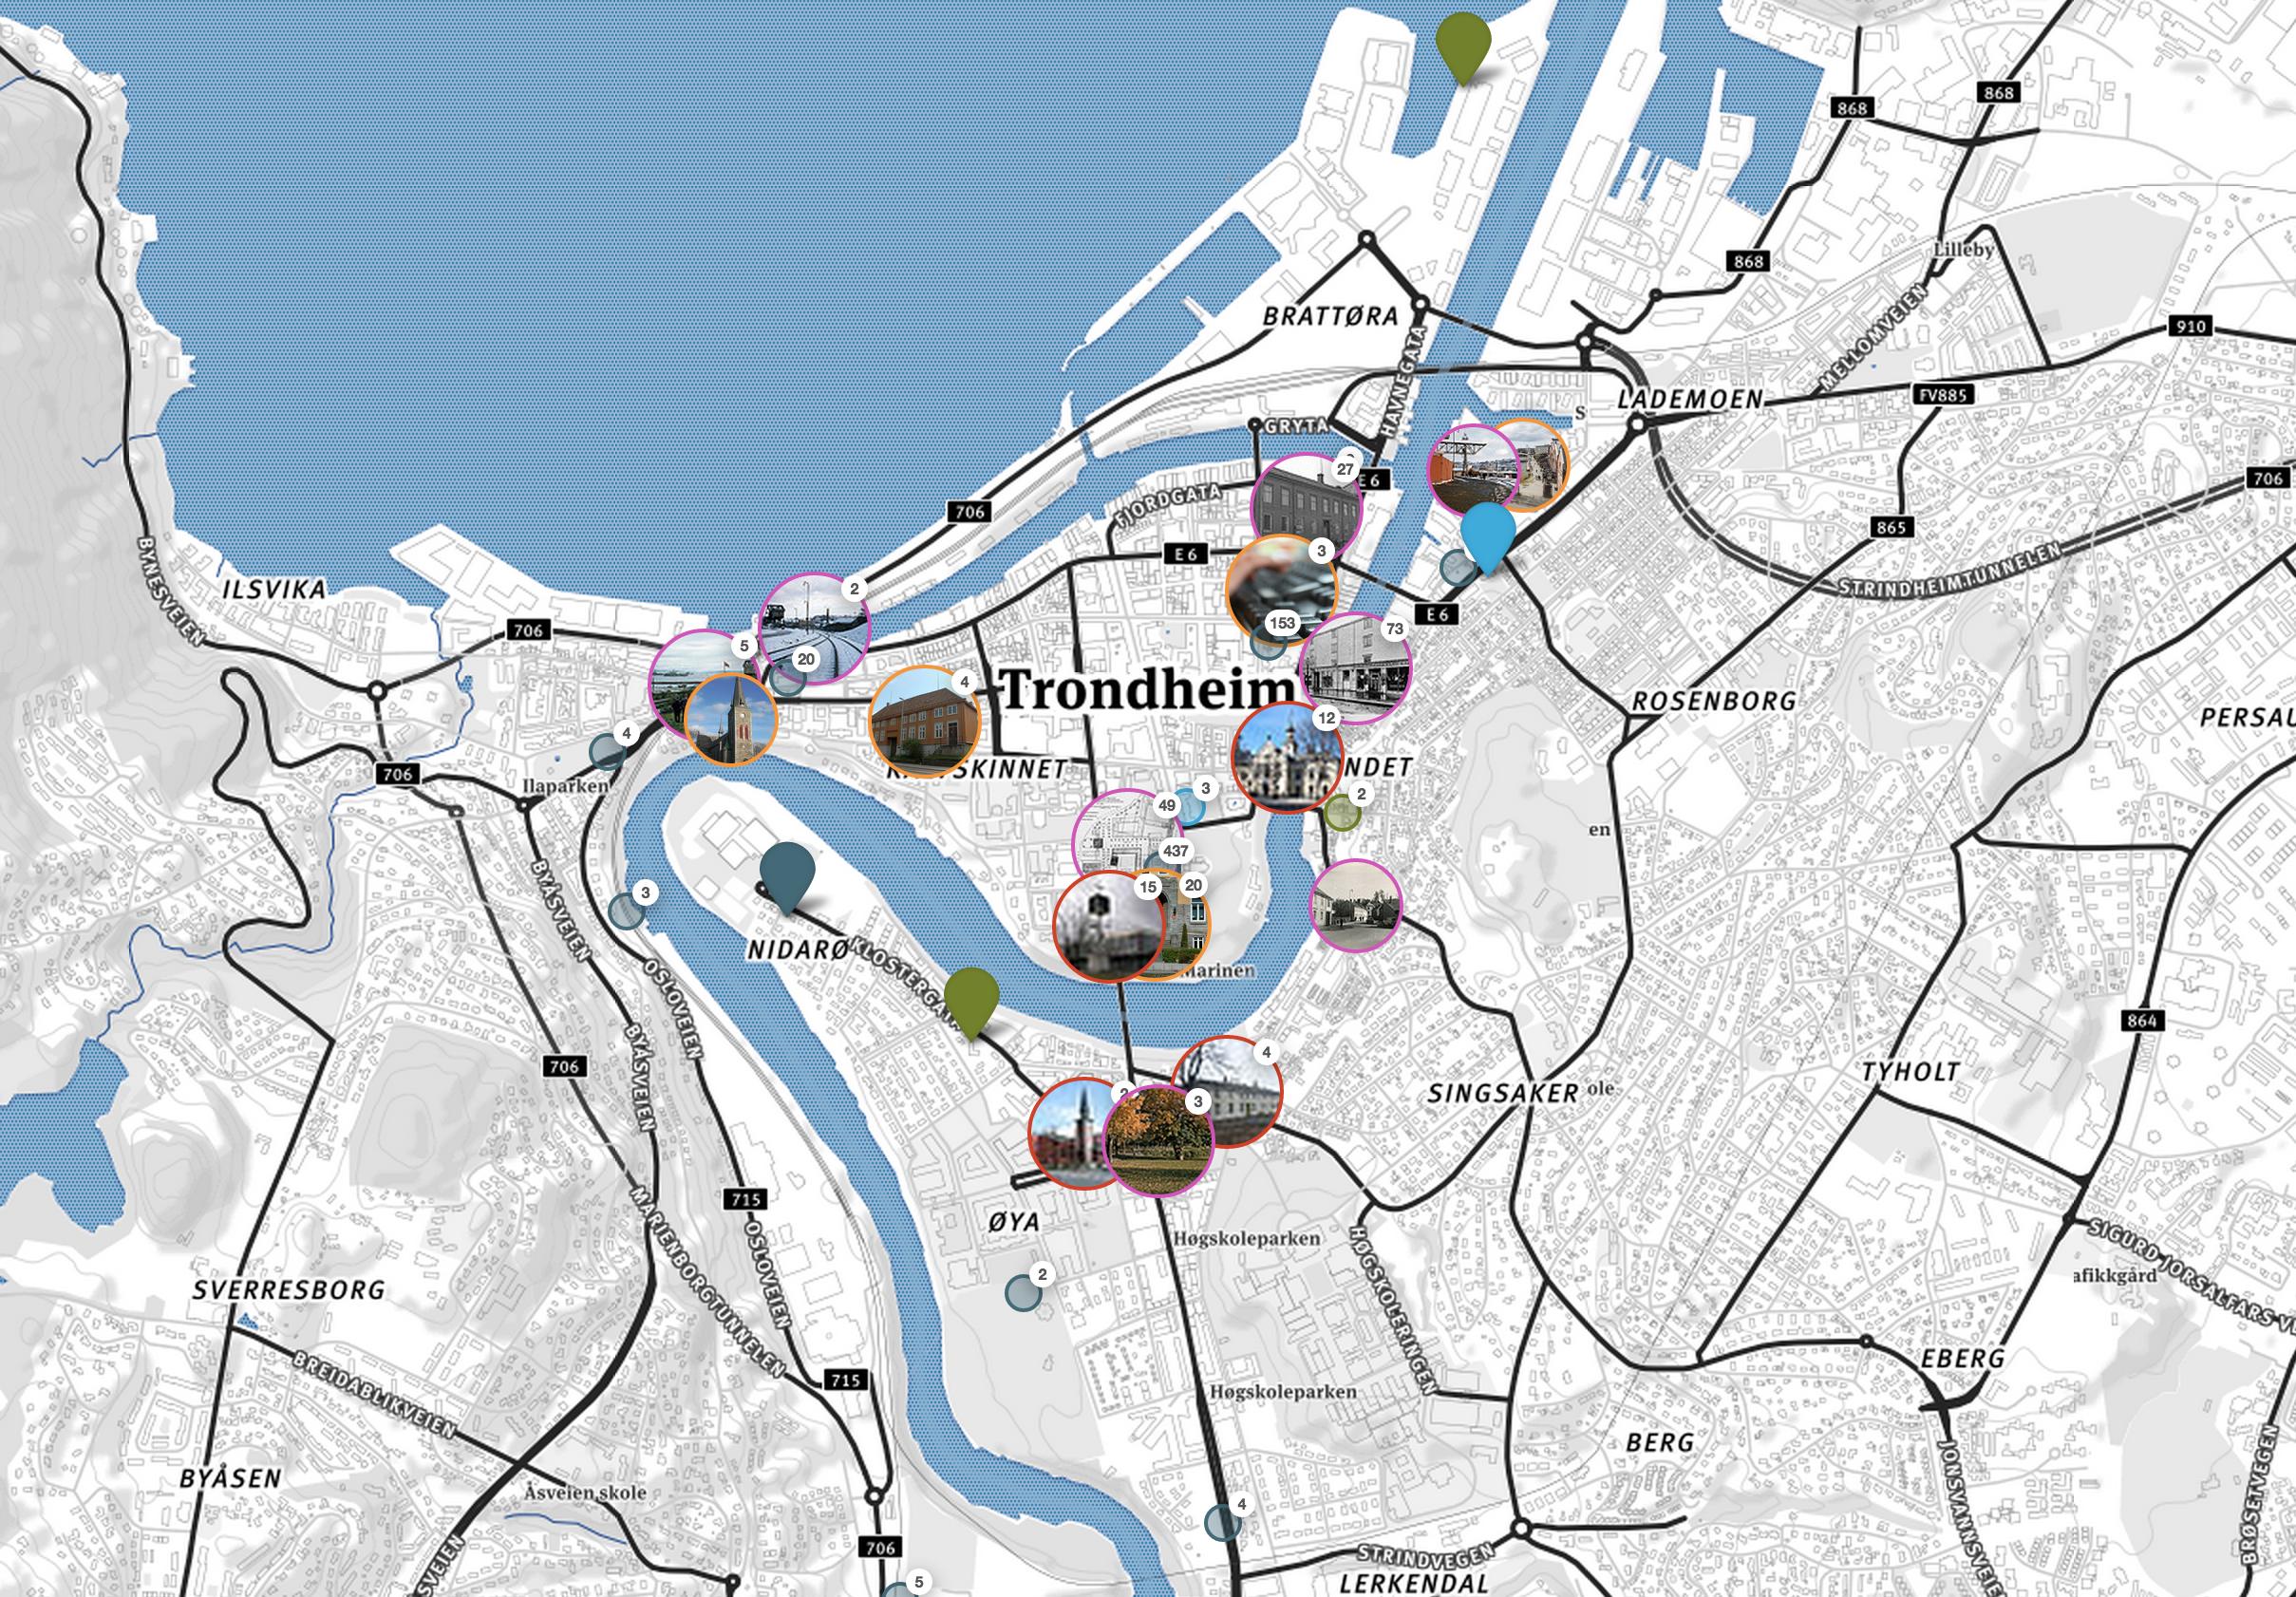 flyktningeruta kart Nye kart og demonstratorer | kulturognaturreise.no flyktningeruta kart